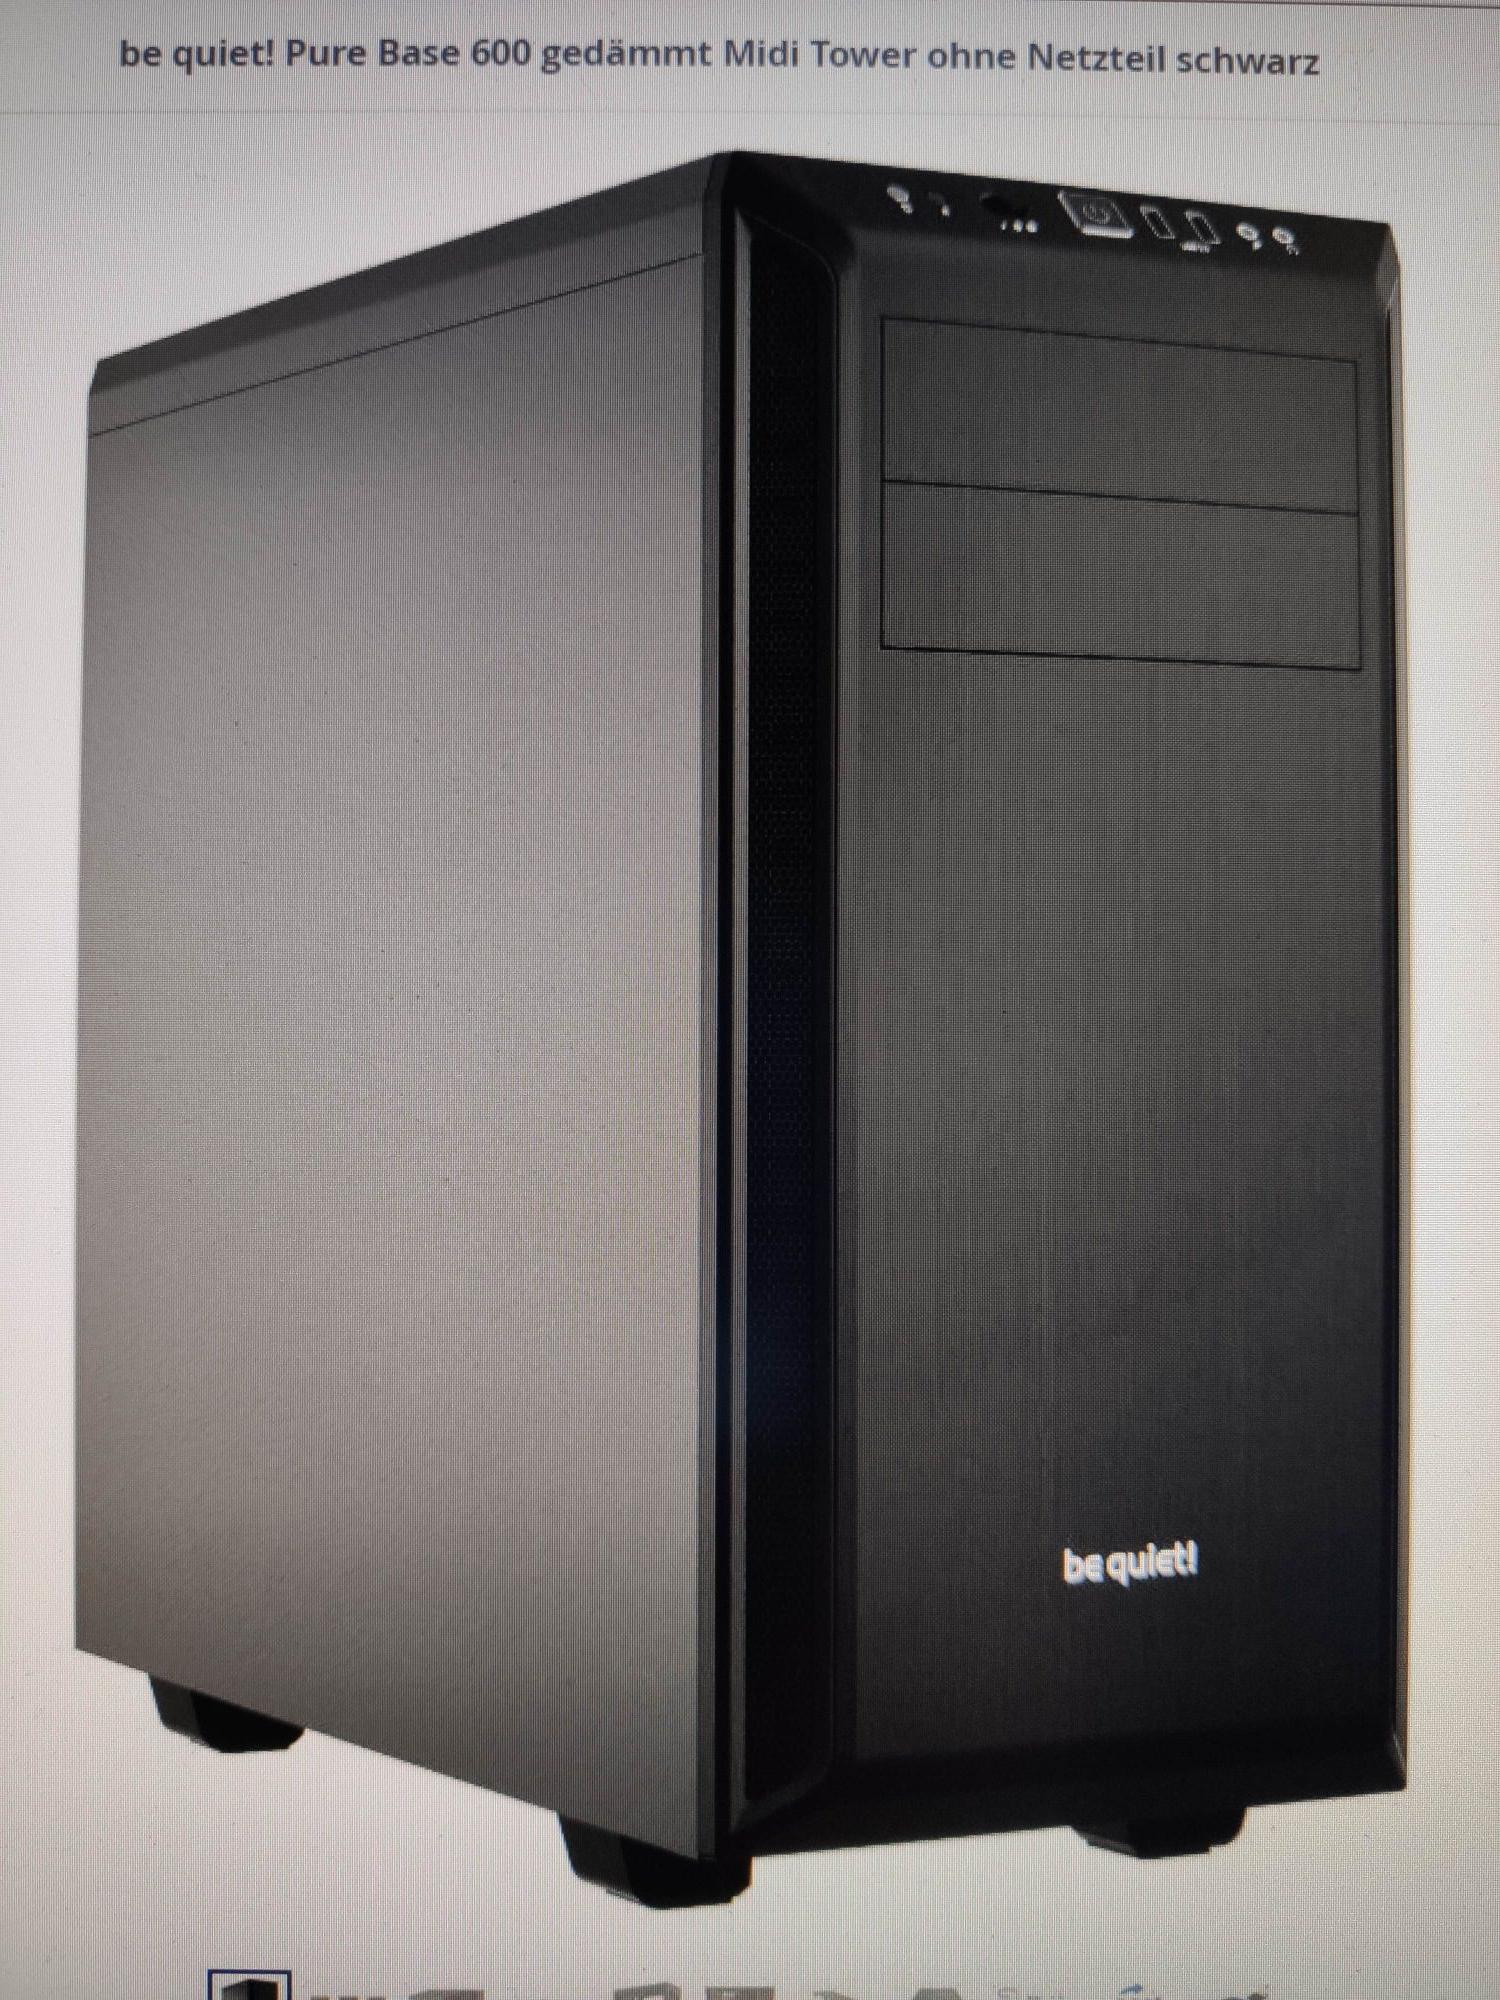 Mindstar be quiet! Pure Base 600 gedämmt Midi Tower ohne Netzteil schwarz Gehäuse